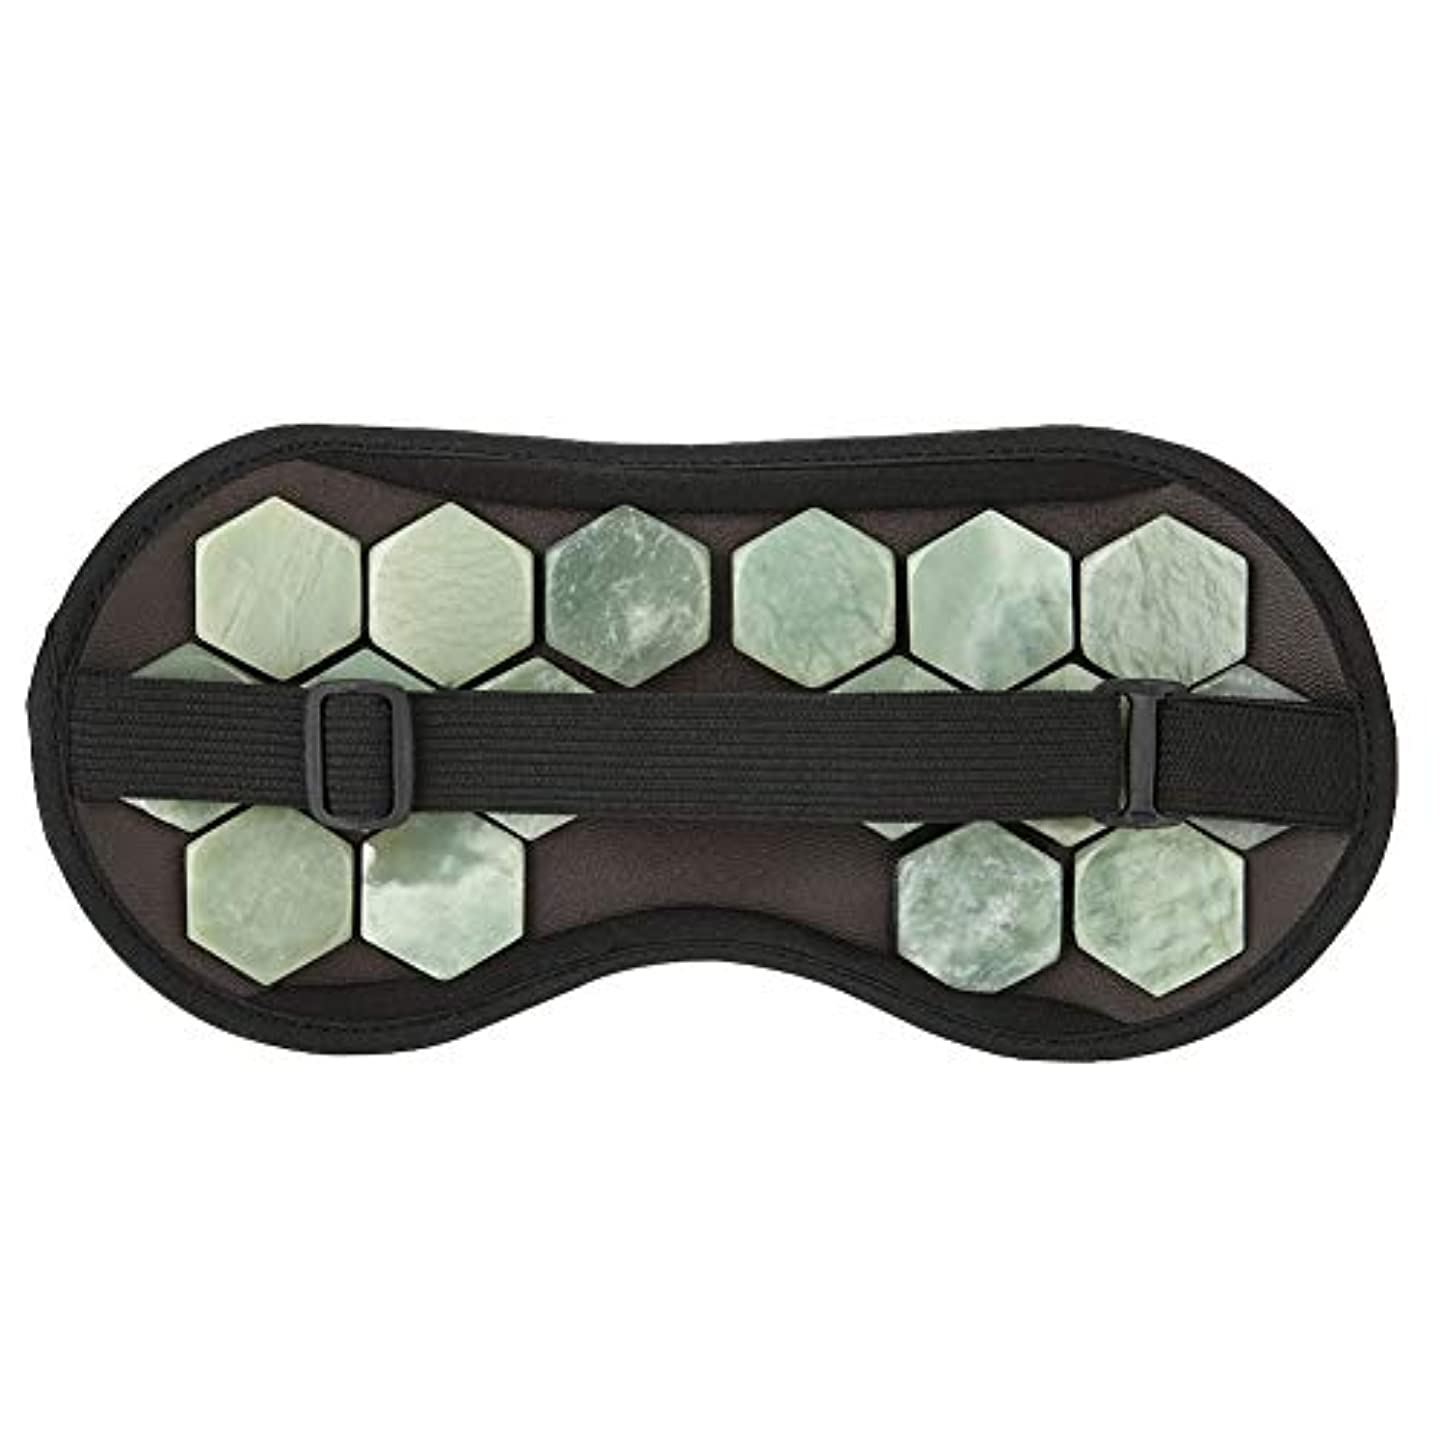 約かび臭いケント睡眠のアイマスク、旅行のための磁気マッサージャーの遮光の目隠しの目カバー昼寝シフト作業(2#)